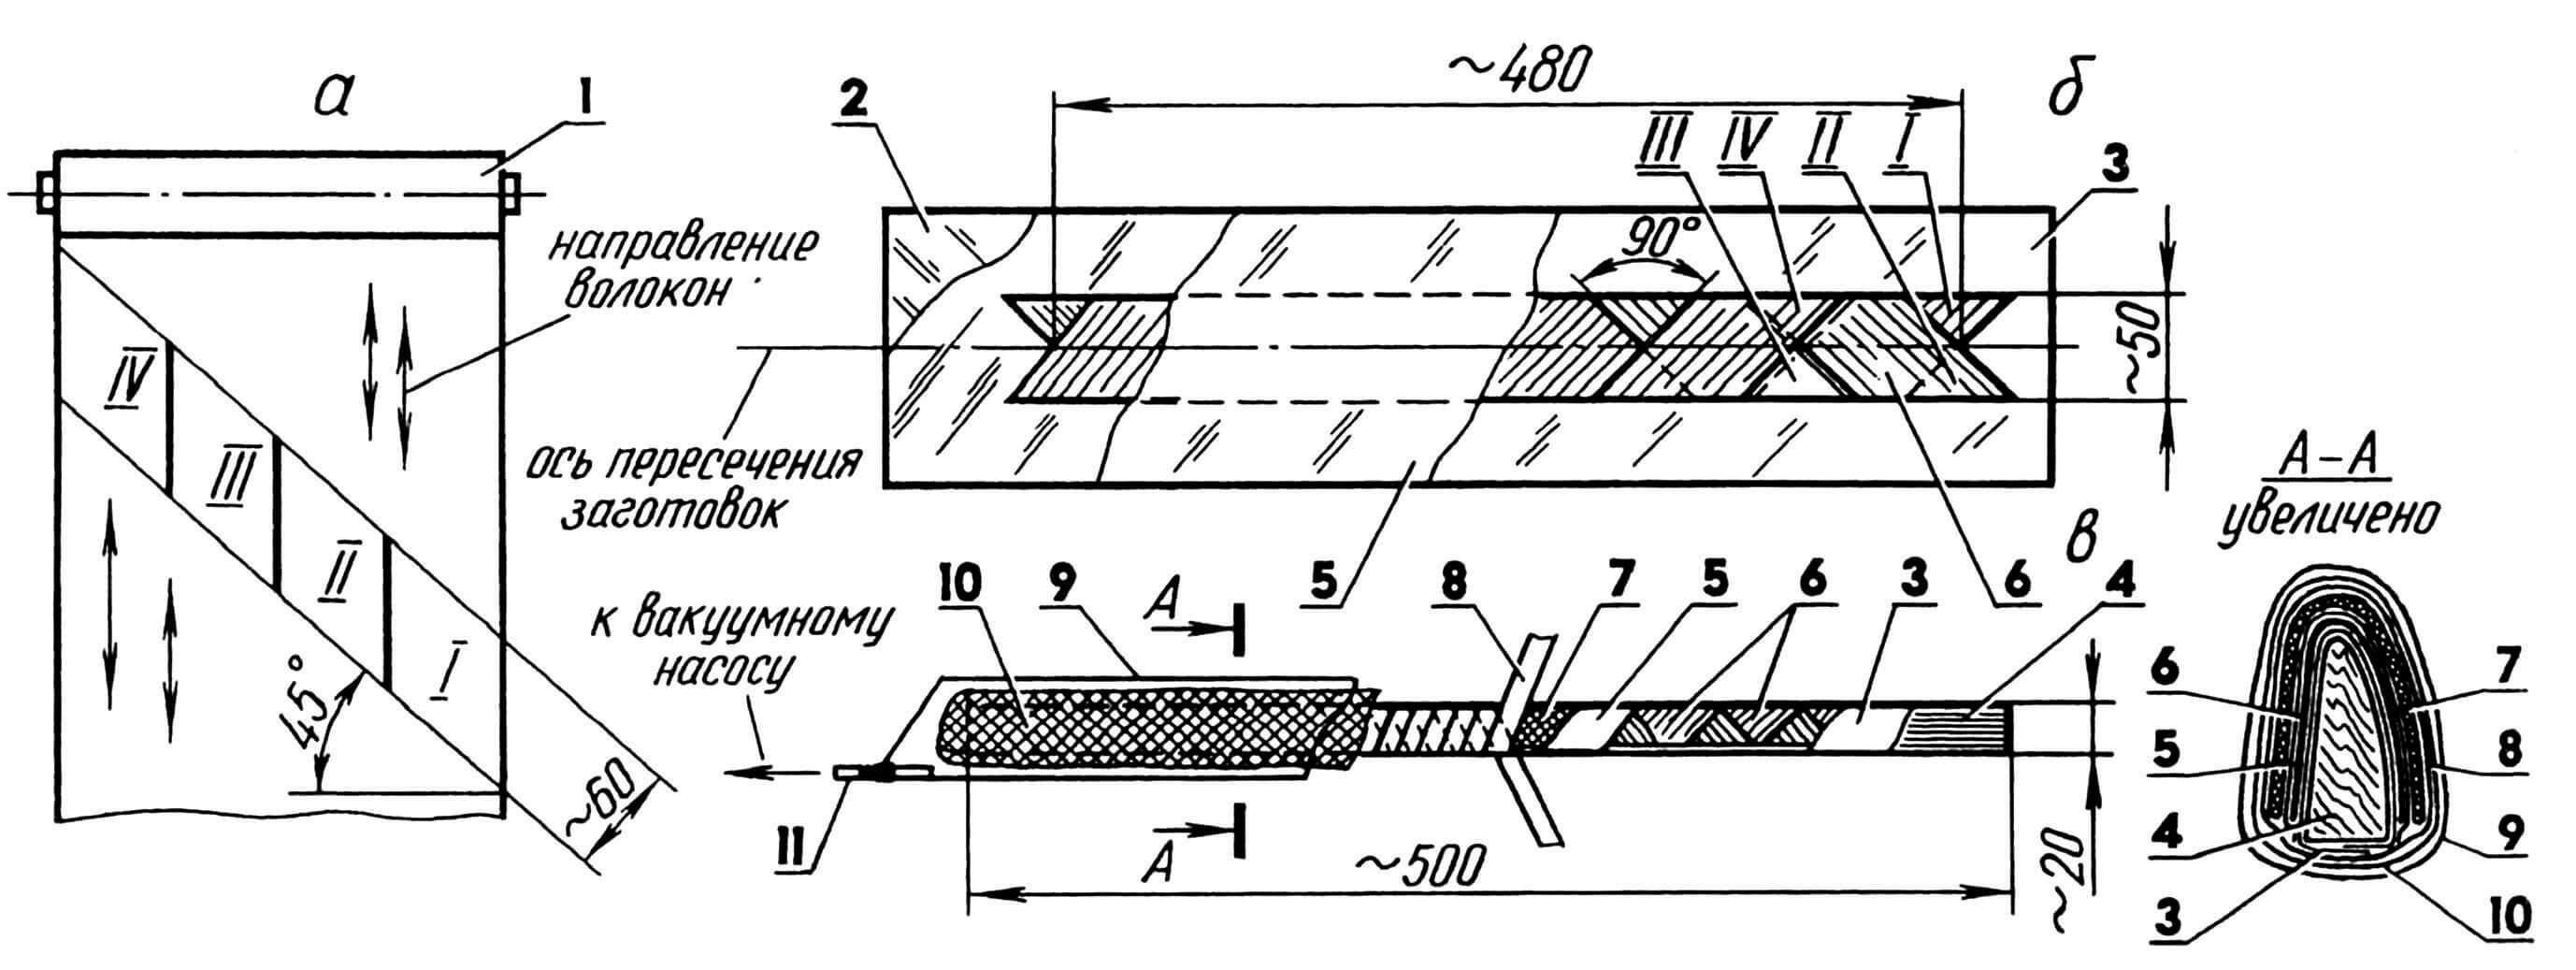 Изготовление силовой оболочки кессона: а — нарезание заготовок переплета»; б — выклеивание «переплета»; в — формование оболочки; 1 — рулон углеволокна; 2 — подкладка (стекло); 3,5 — слои «переплета» — пленка лавсановая (s0,02); 4 — пуансон; 6 — наполнитель (углеволокно); 7 — цулага; 8 — бандаж (лента магнитофонная); 9 — мешок вакуумный; 10 — оболочка (стеклоткань s0,3); 11 — трубка 08...10; І, ІІ, ІІІ, IV — заготовки для выклейки.